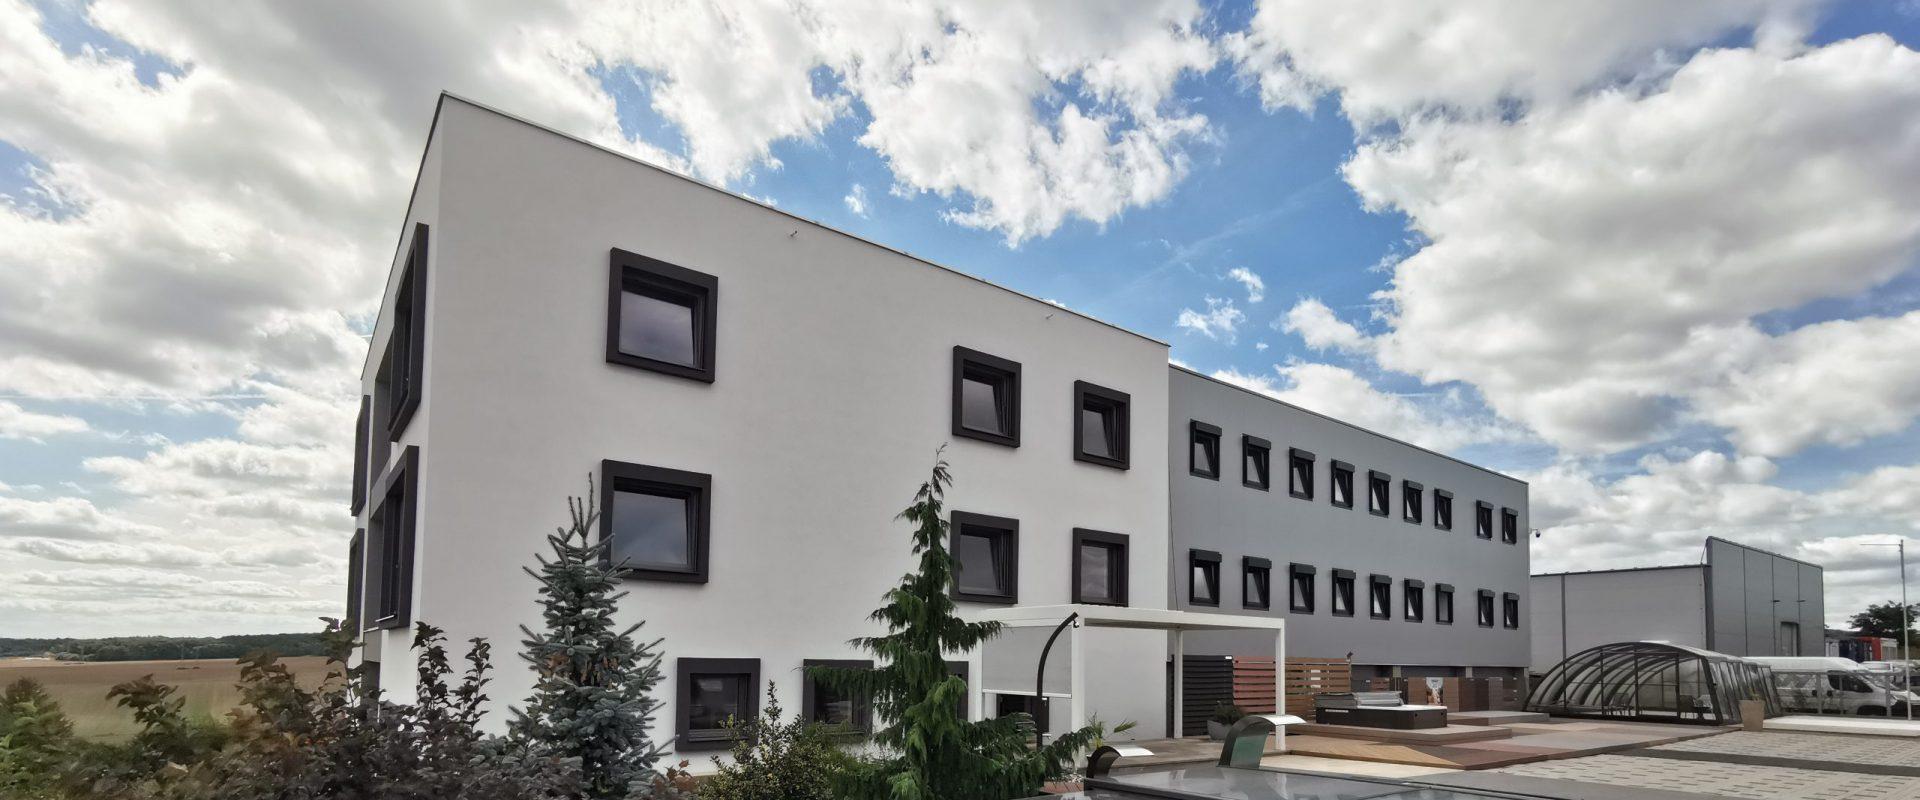 Vývojové centrum VESELÝ DS, s.r.o.